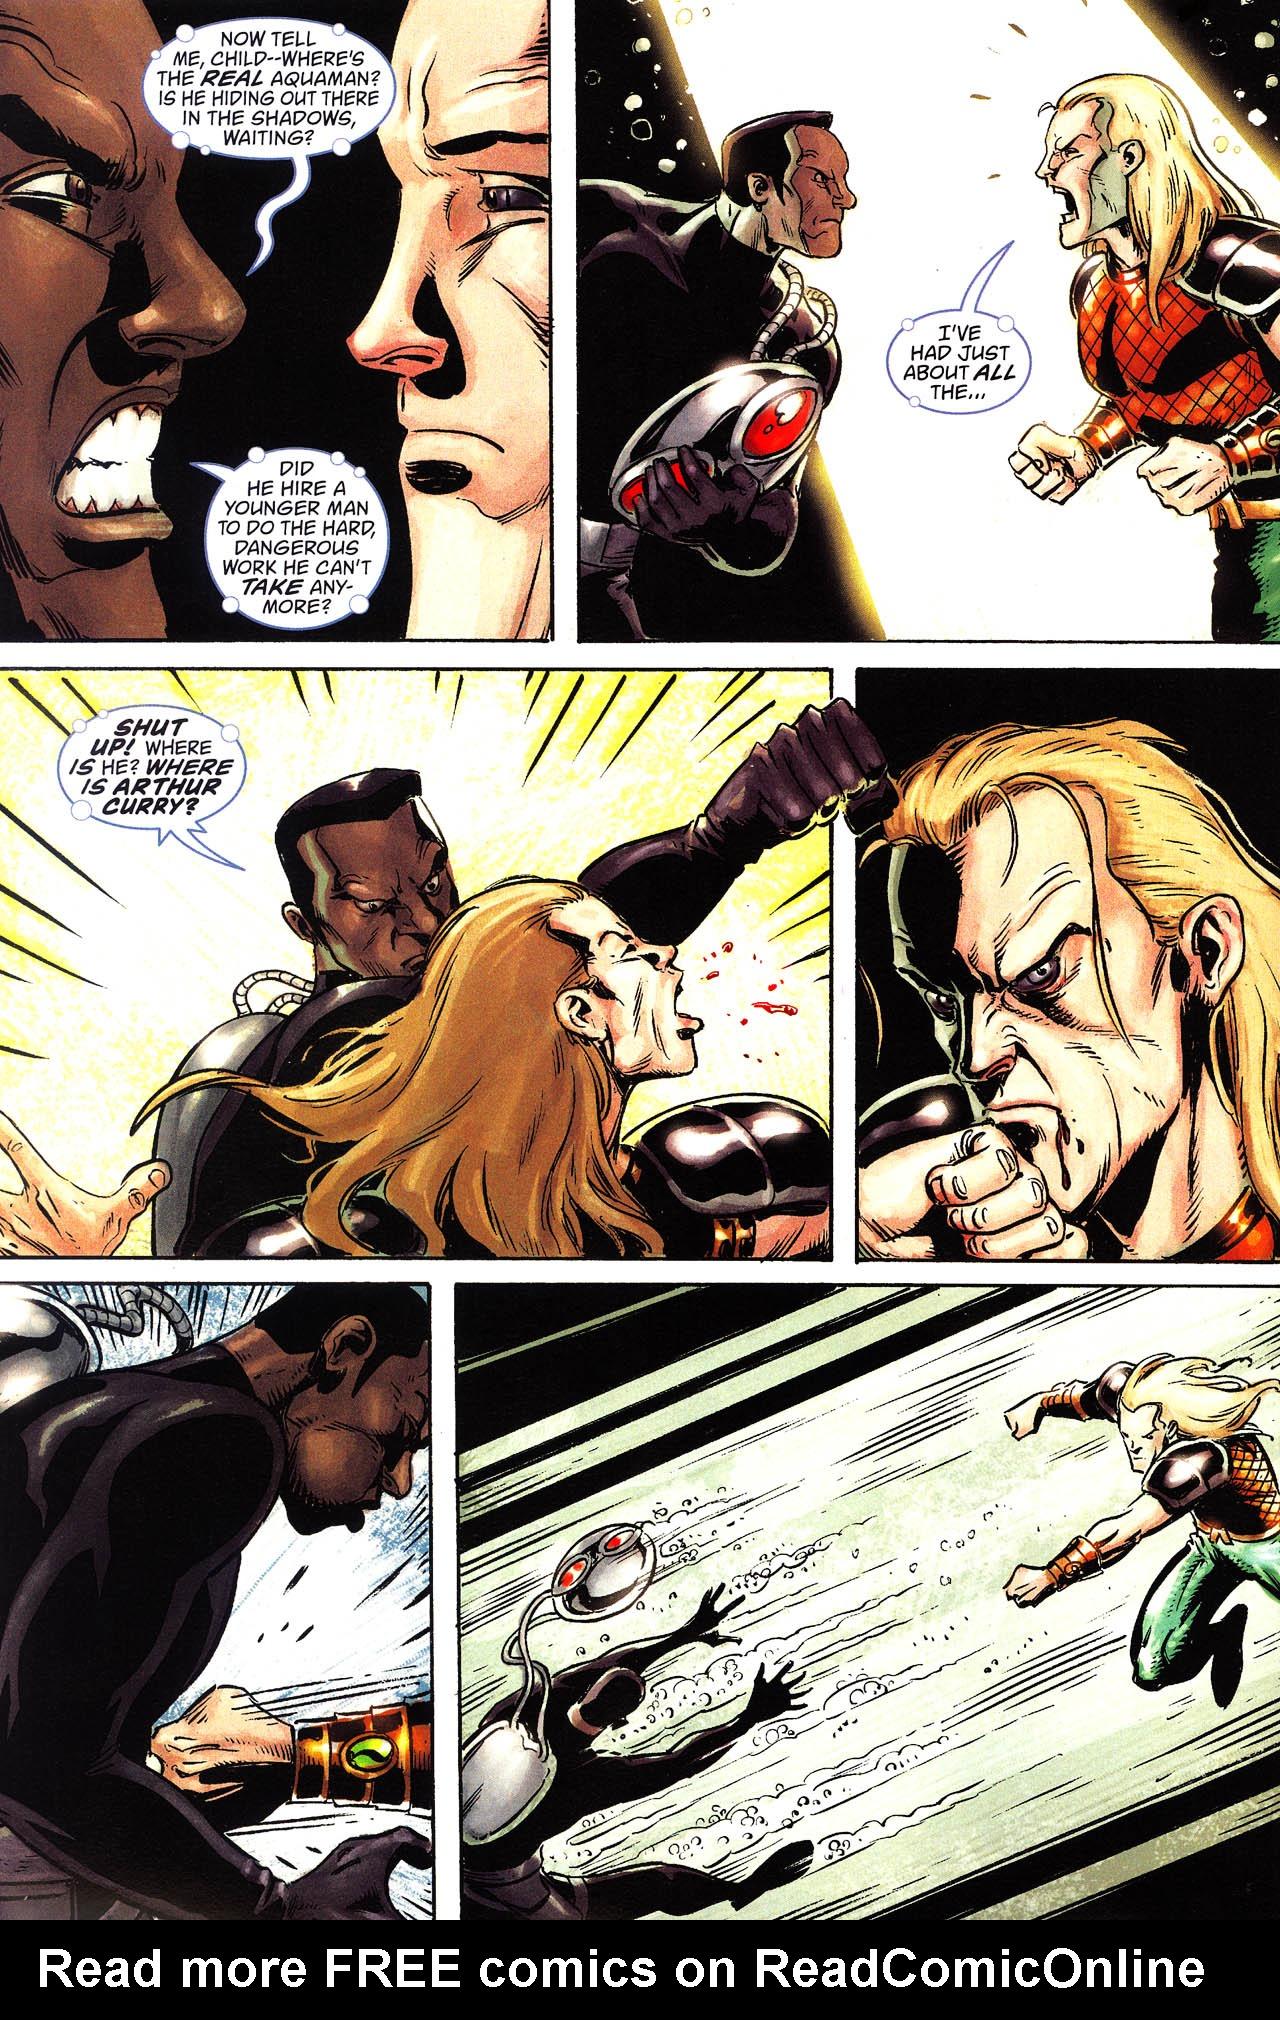 Read online Aquaman: Sword of Atlantis comic -  Issue #52 - 7